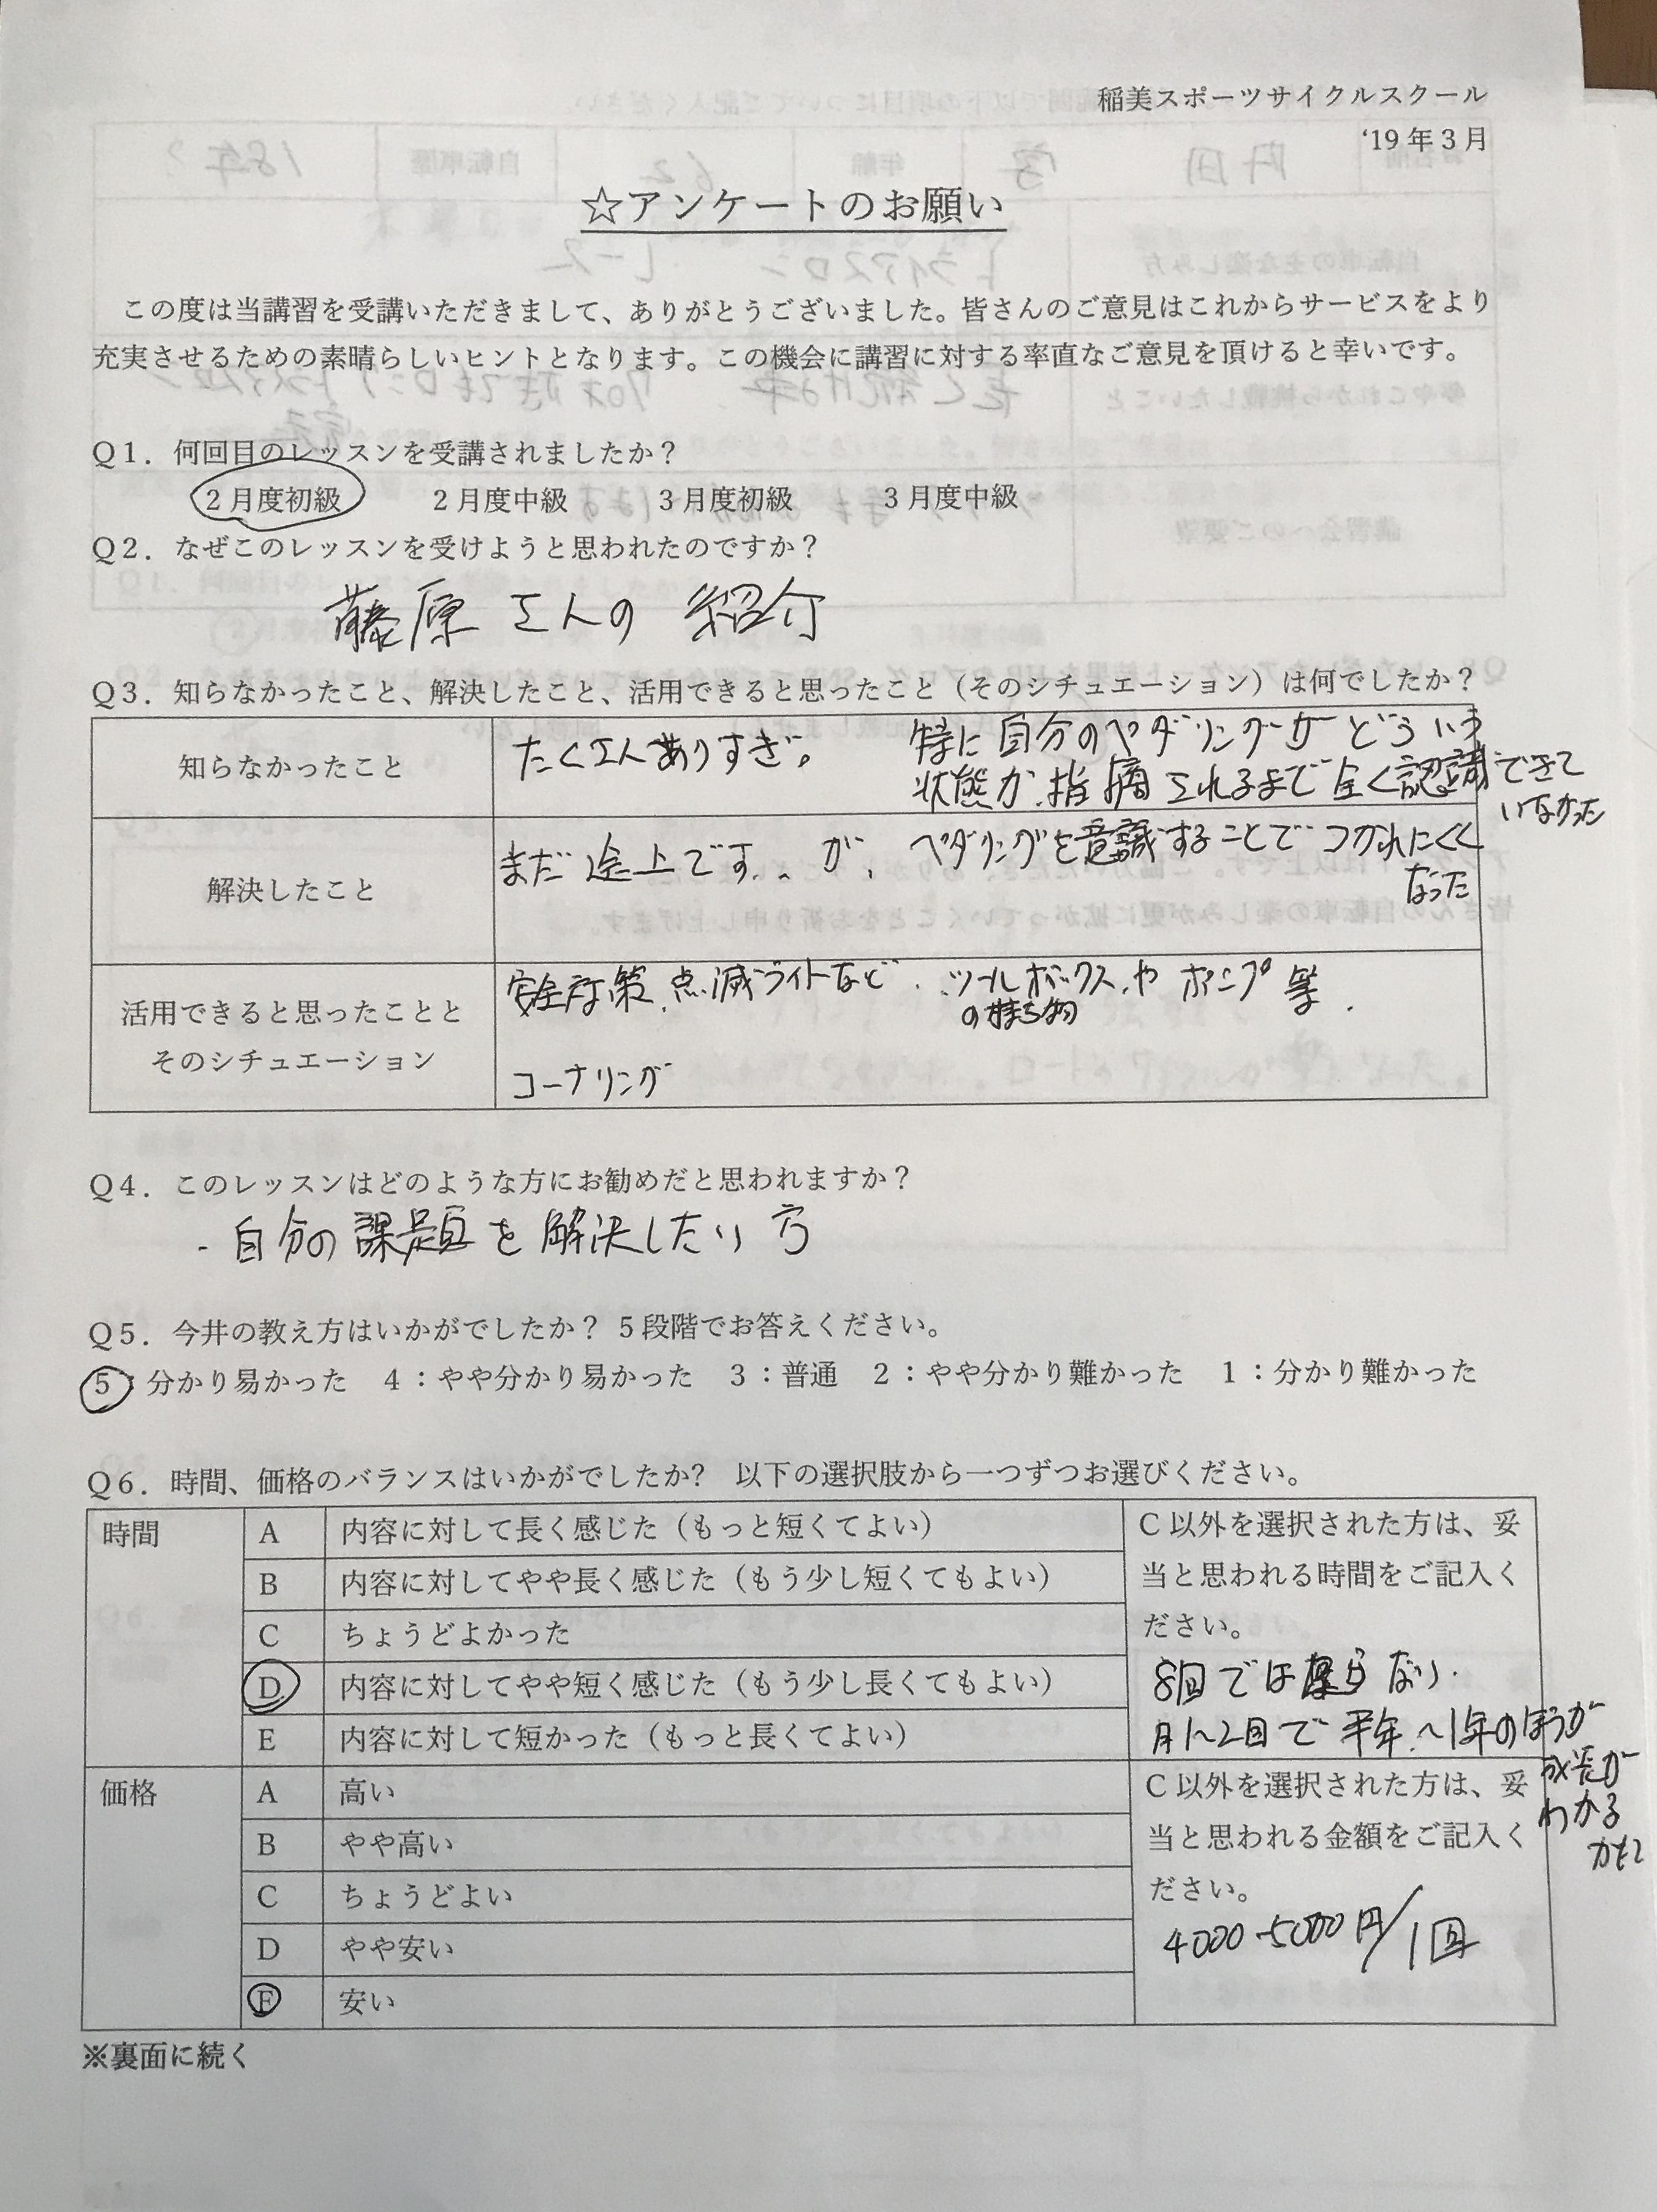 アンケート_内田様